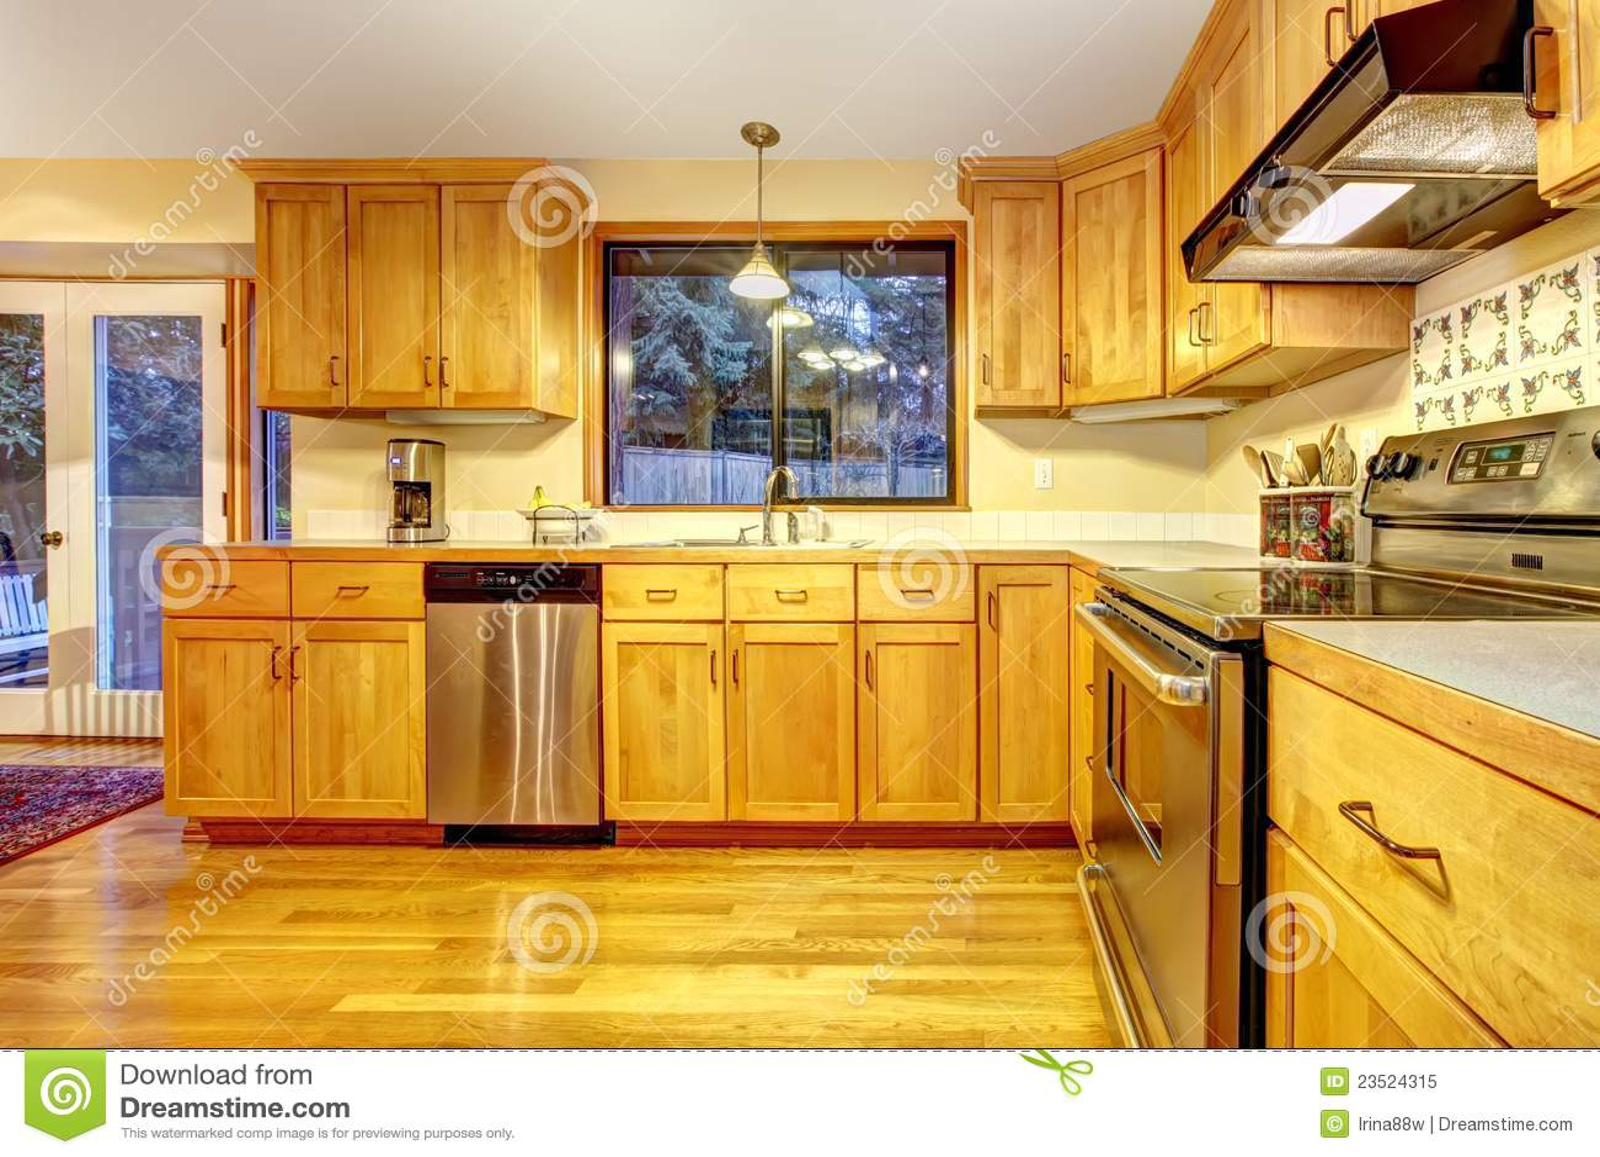 Cuisine en bois d 39 or avec le plancher en bois dur photo for Plancher bois cuisine